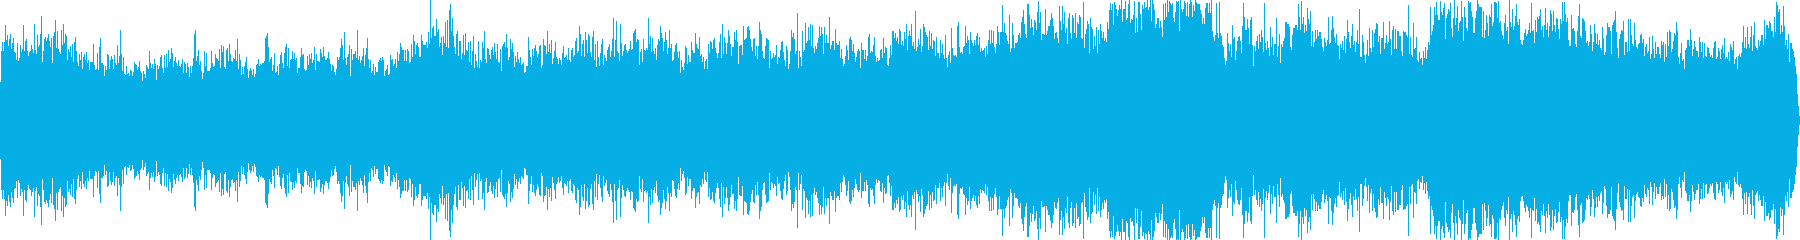 ゲームセンター(環境音)の再生済みの波形